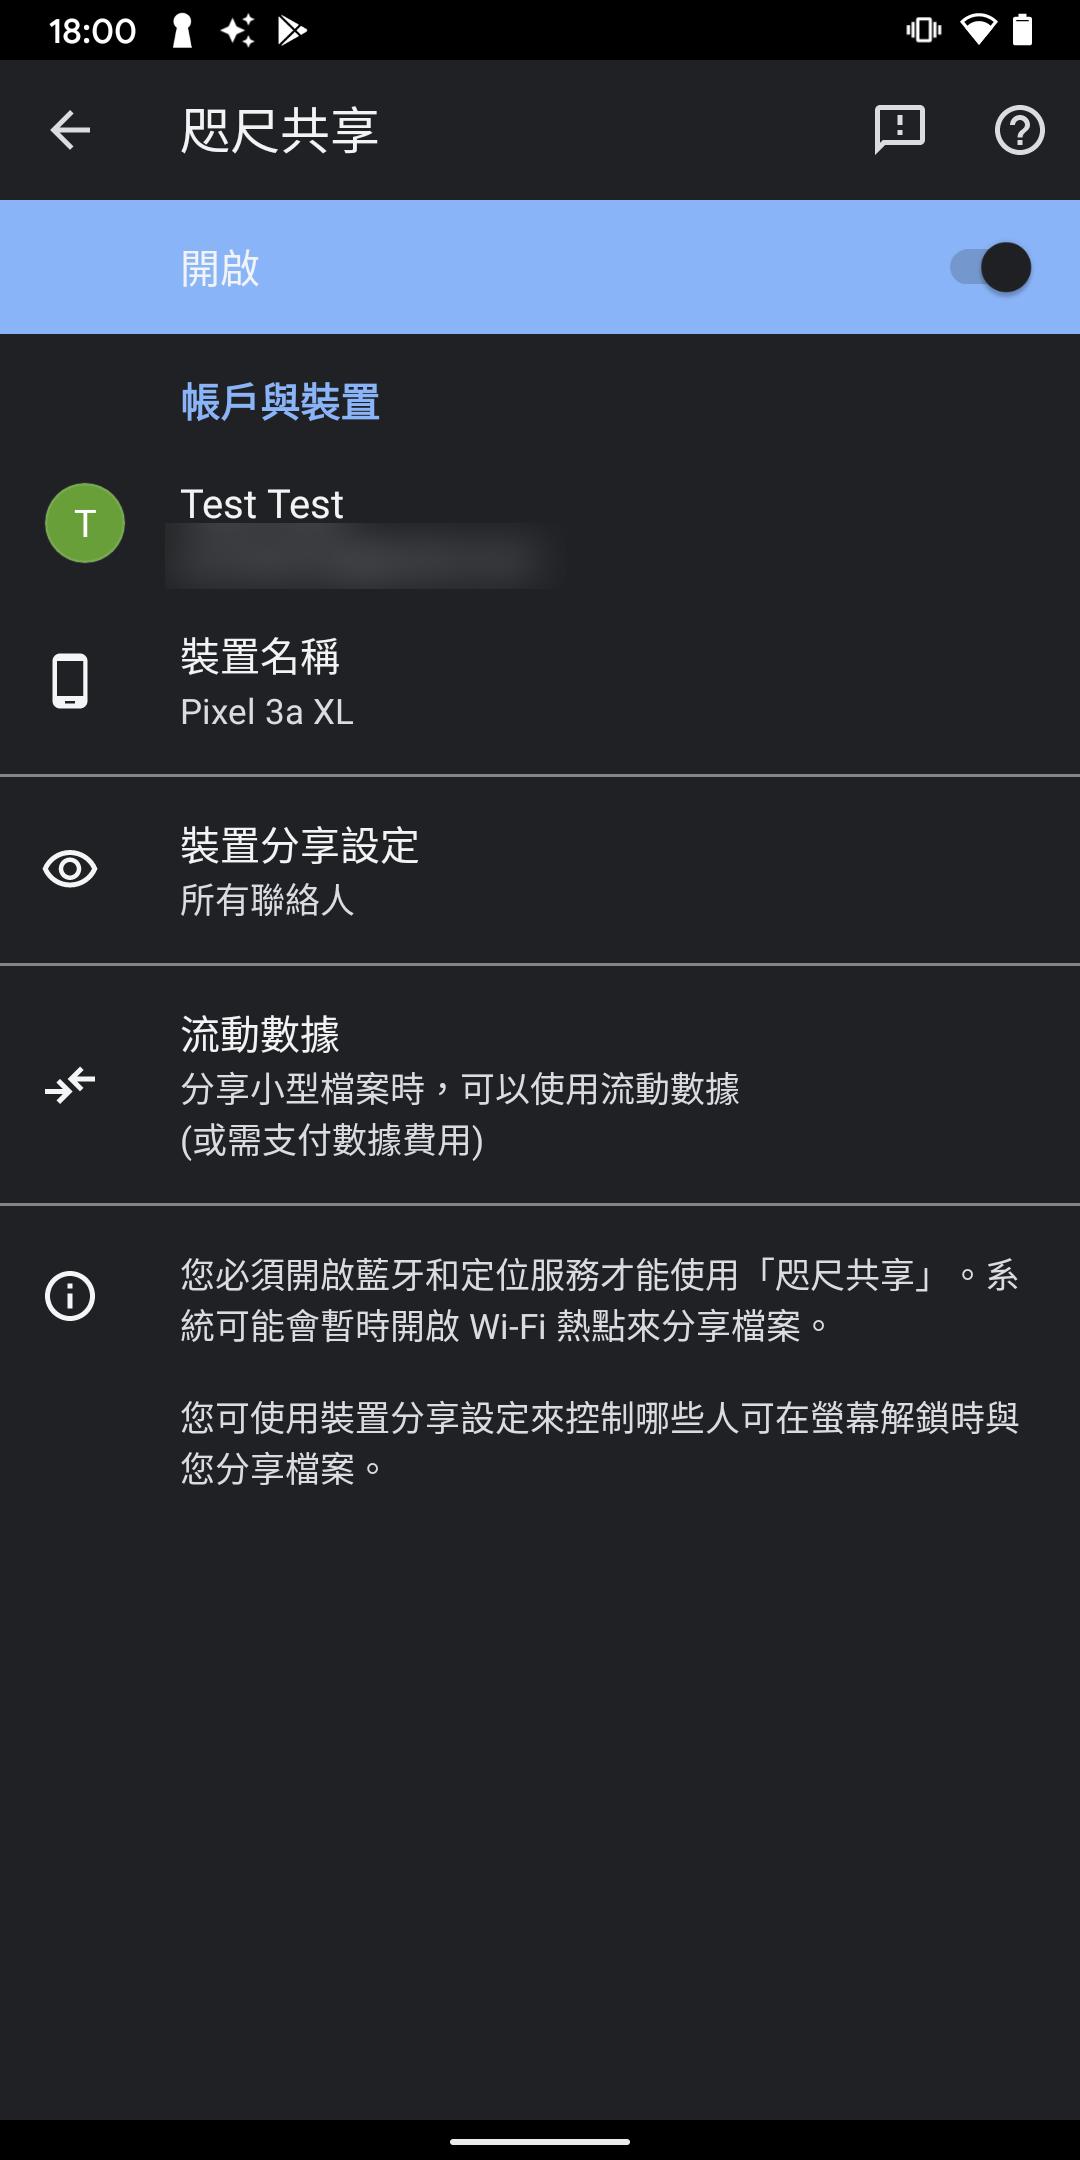 用戶可以設定是否在共享小型檔案時使用流動數據。